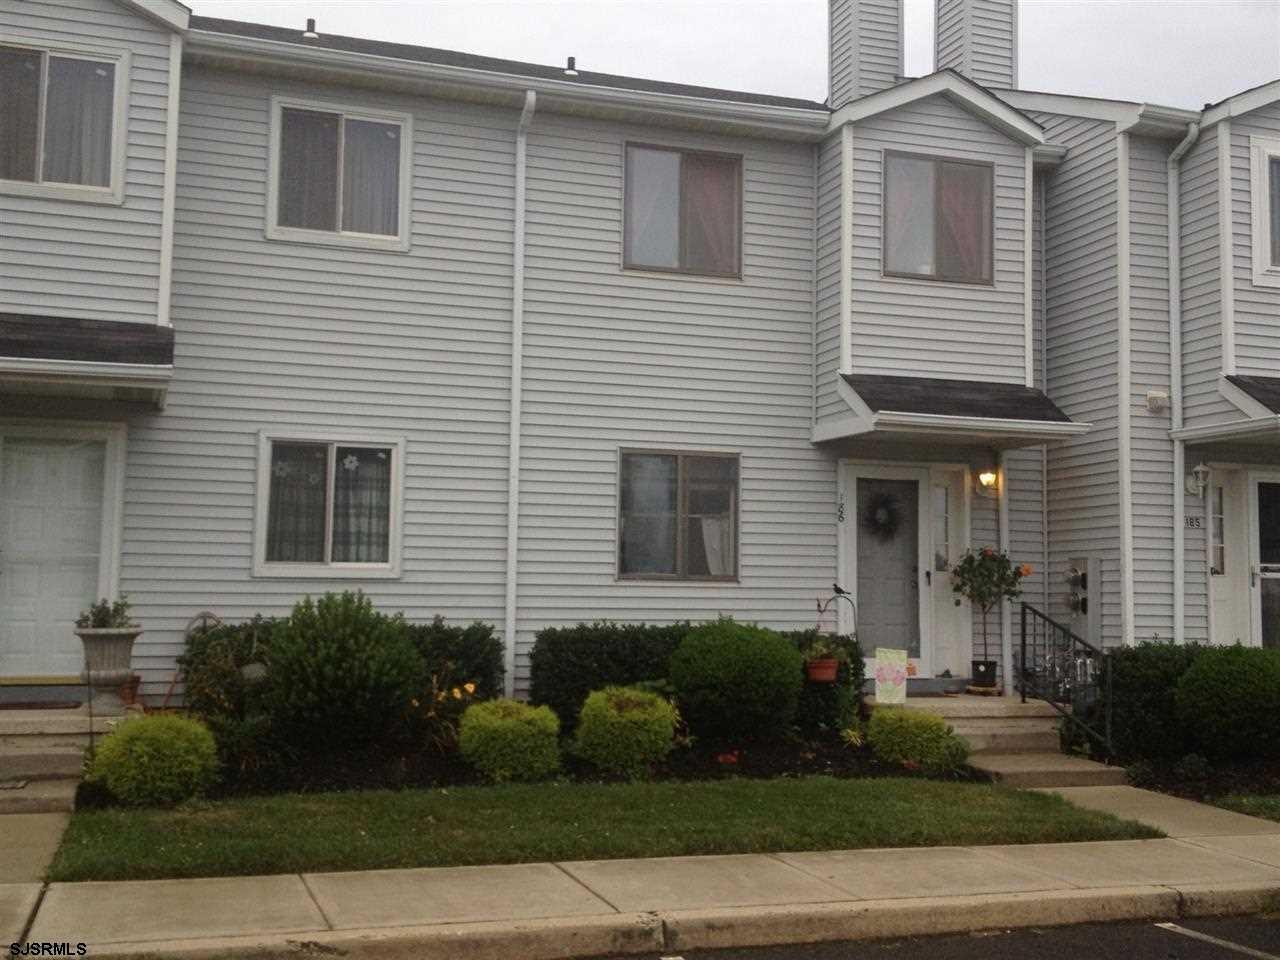 186 YORKTOWN BLVD., Hammonton, NJ 08037